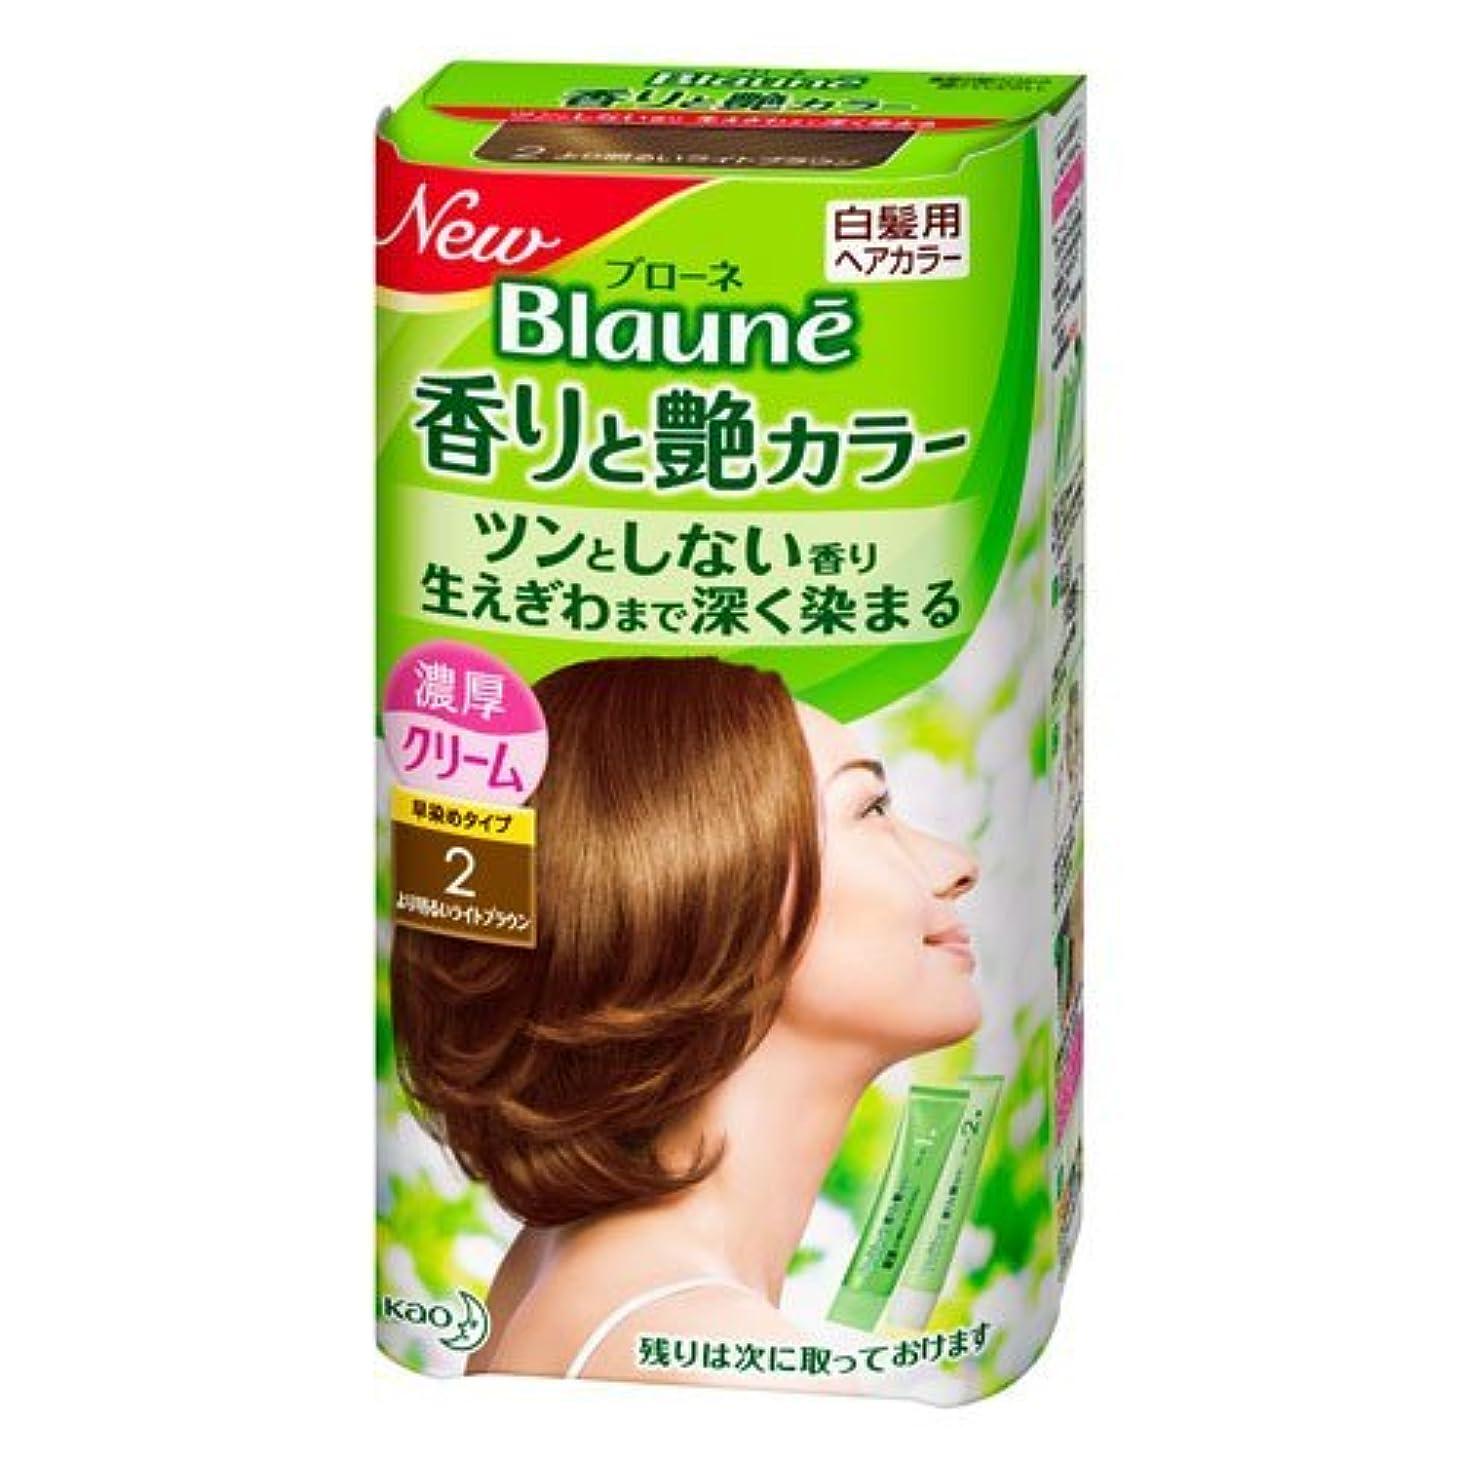 【花王】ブローネ 香りと艶カラー クリーム 2:より明るいライトブラウン 80g ×5個セット